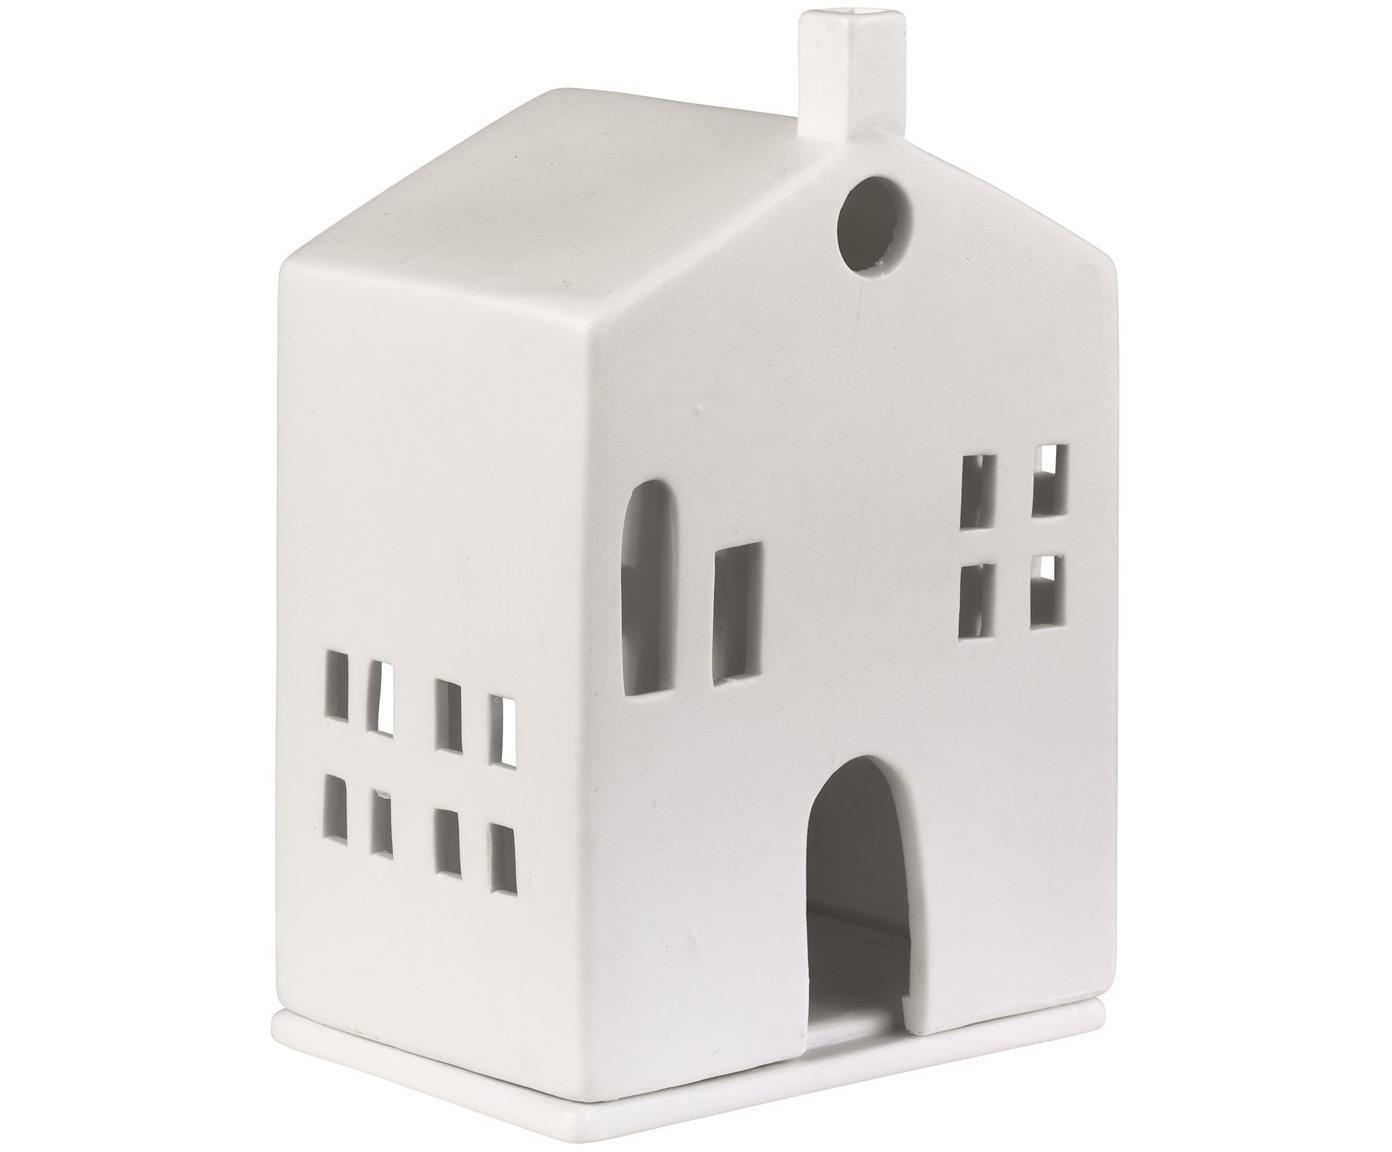 Waxinelichthouder Building, Porselein, Wit, 10 x 15 cm